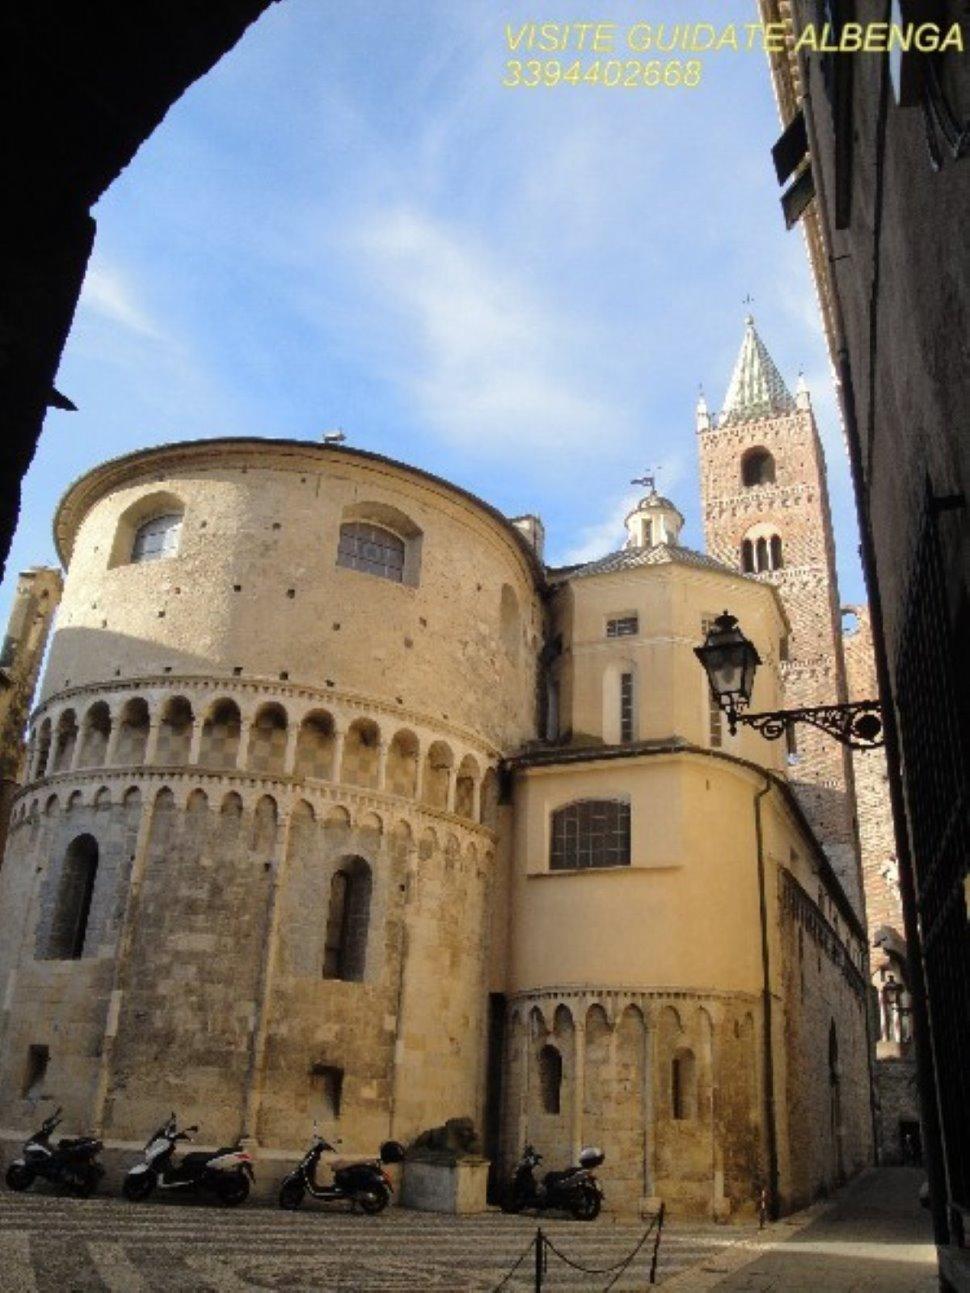 gite scolastiche albenga e in Liguria